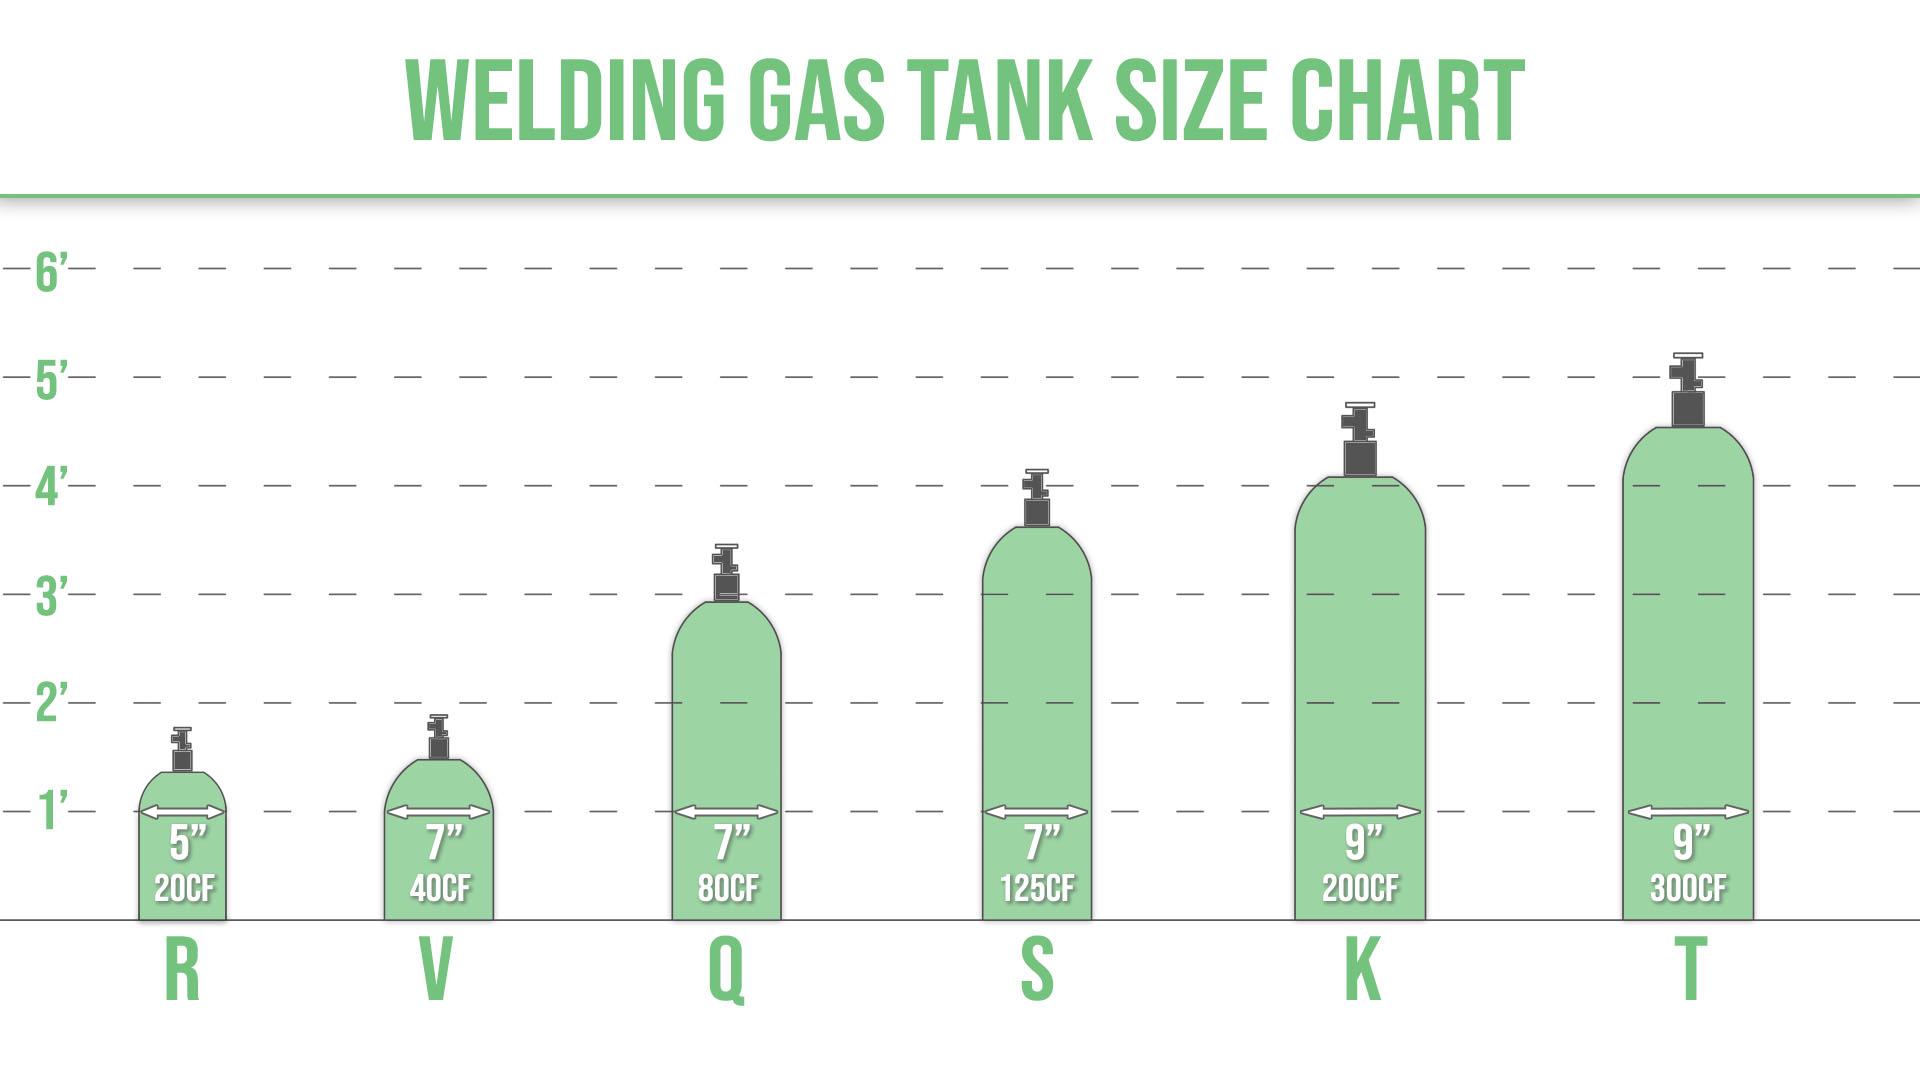 chart displaying various gas tank sizes